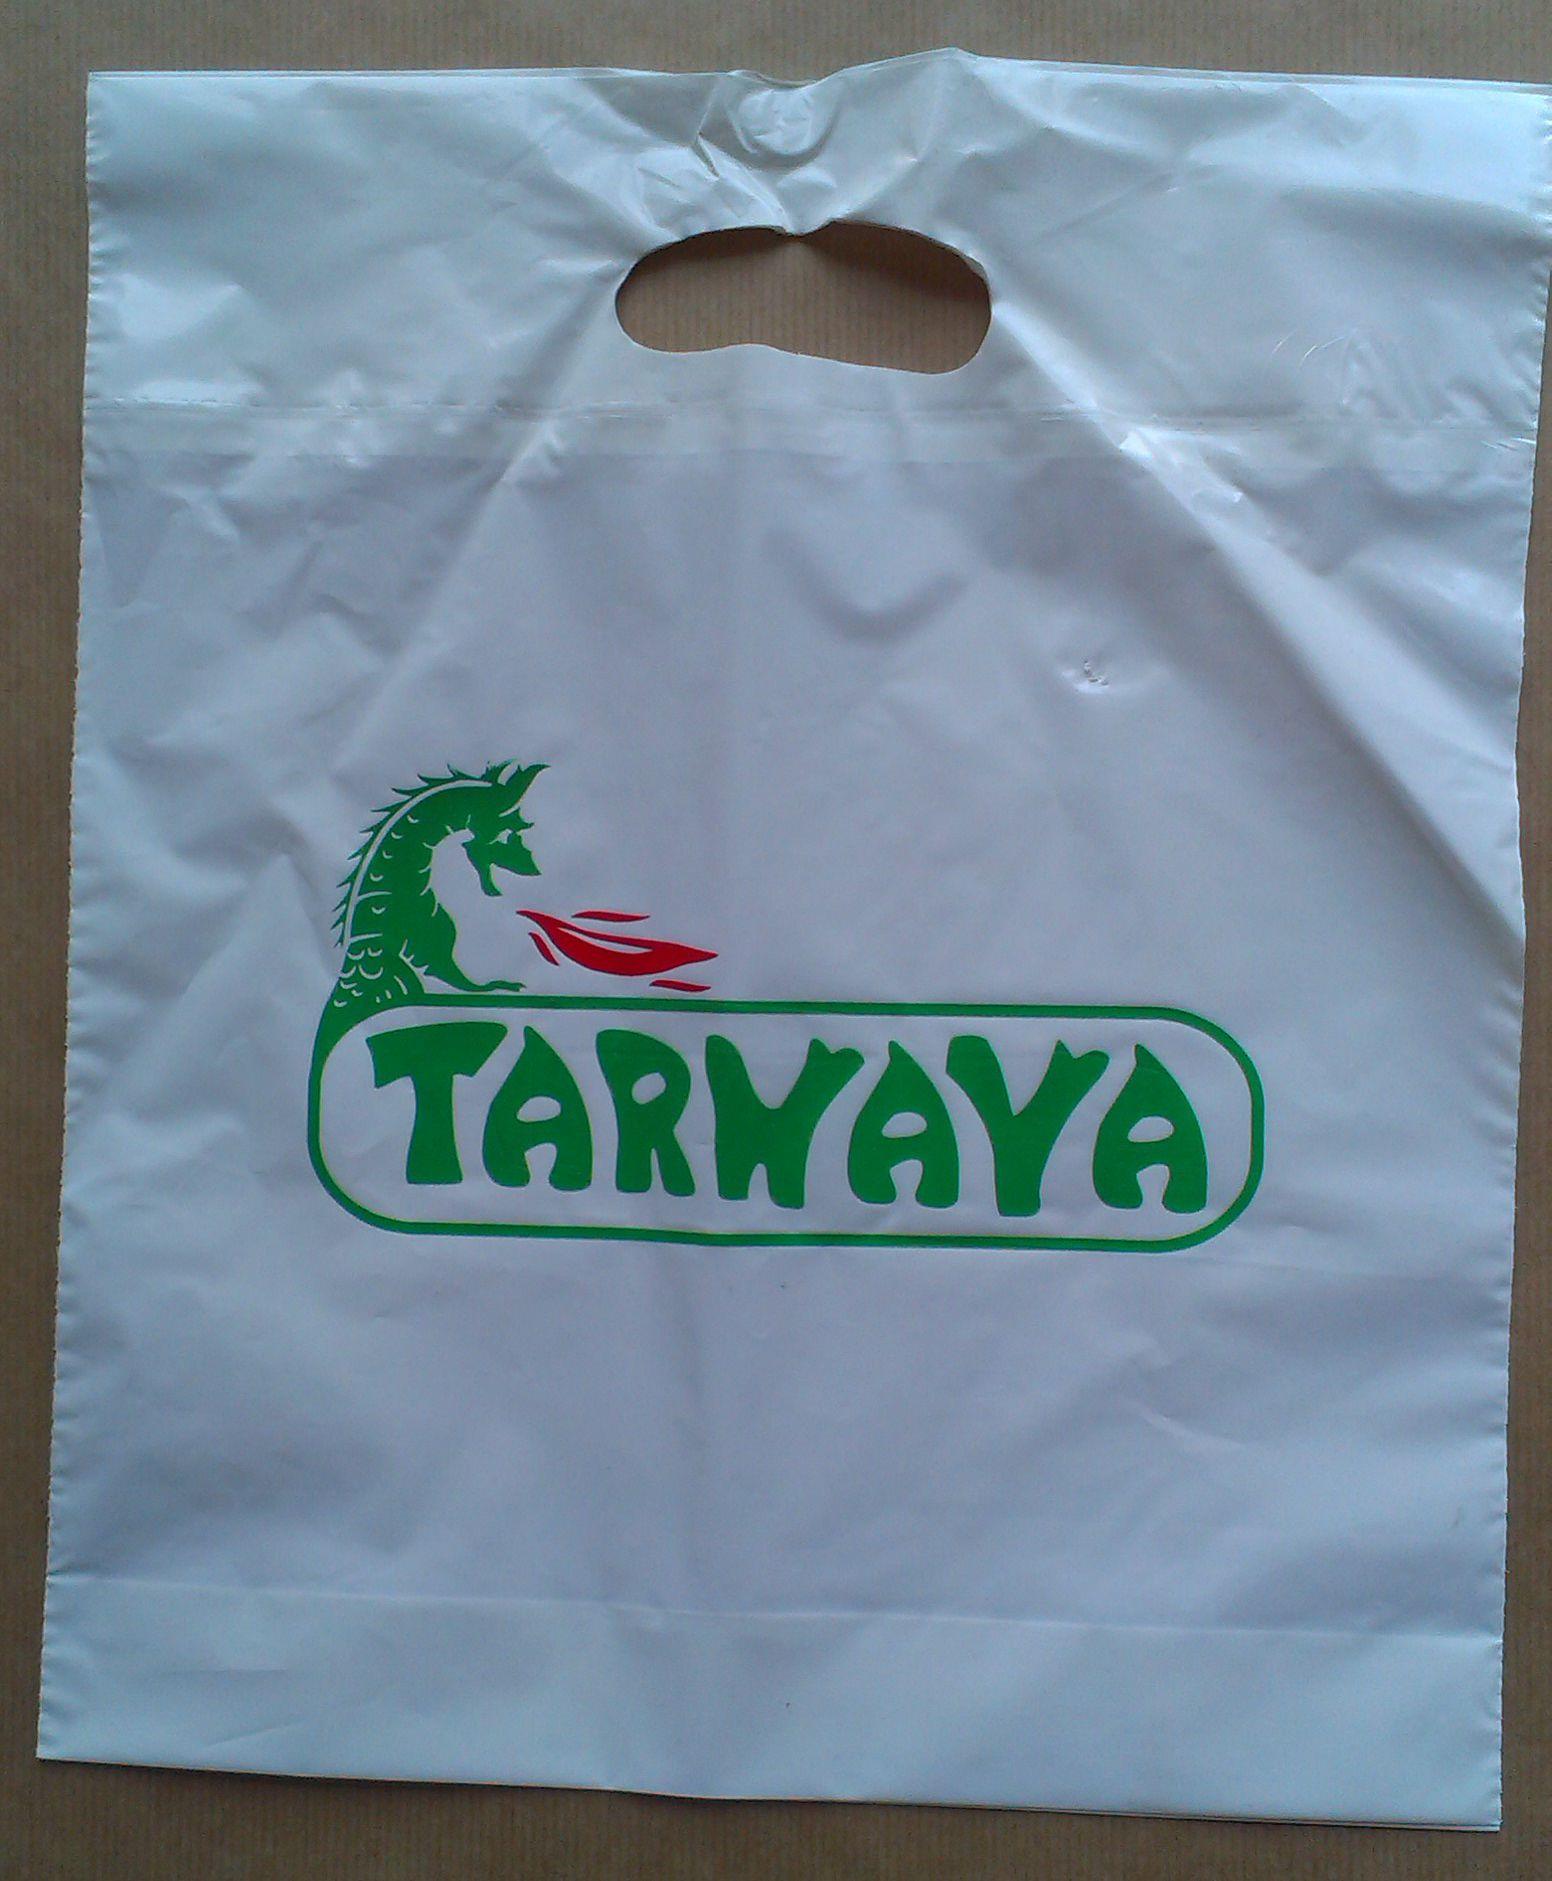 Tarnava - torby foliowe LDPE z nadrukiem 2 kolory - pracownia kreska - drukarnia